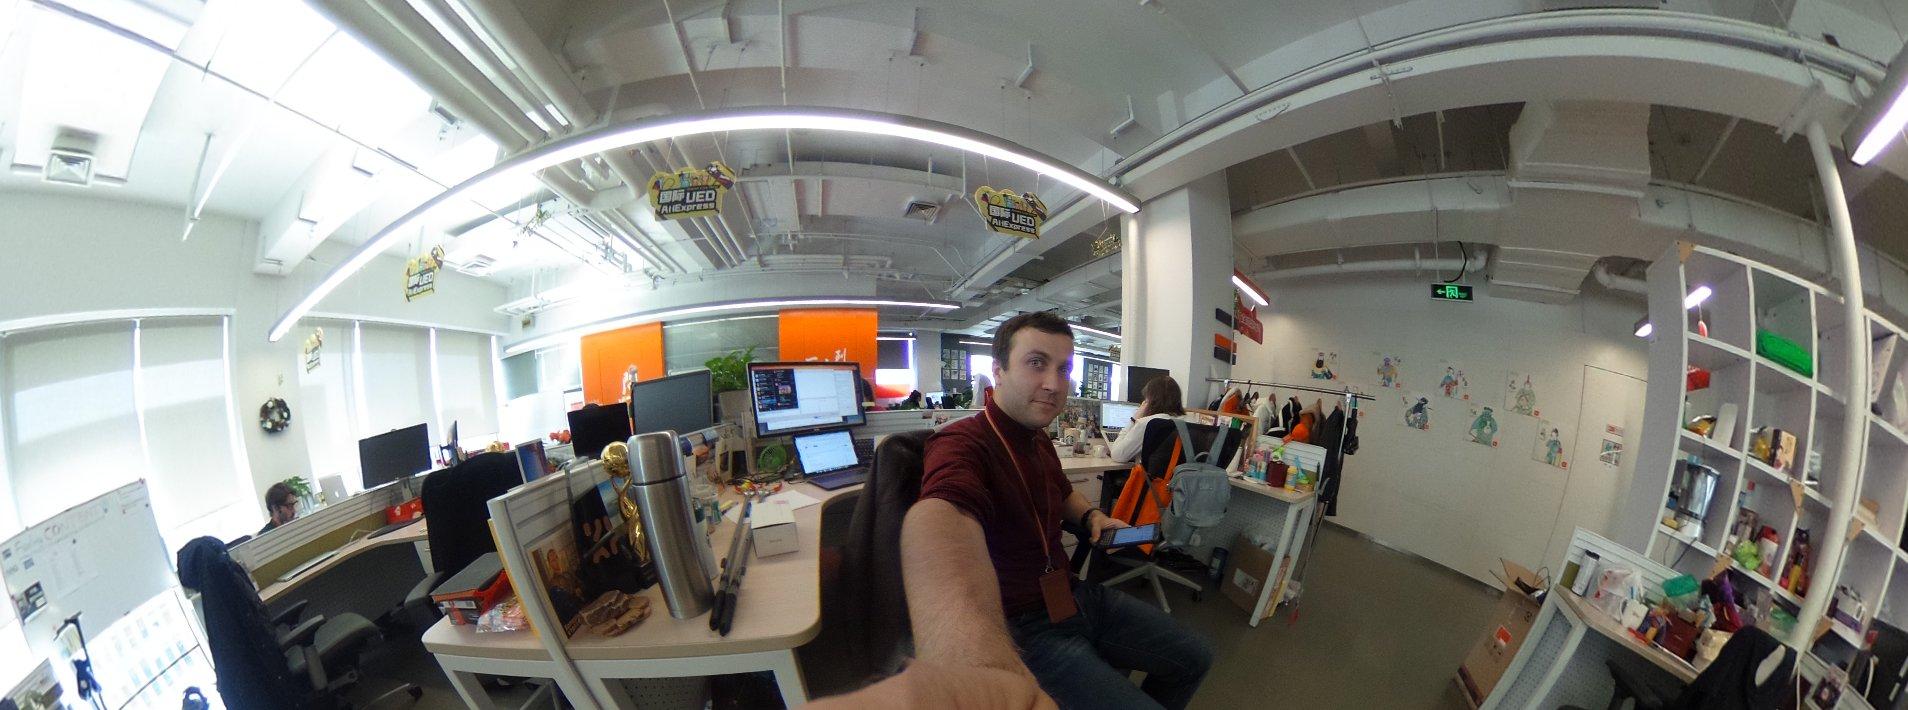 Кампус Alibaba в 360° — внутри офиса AliExpress